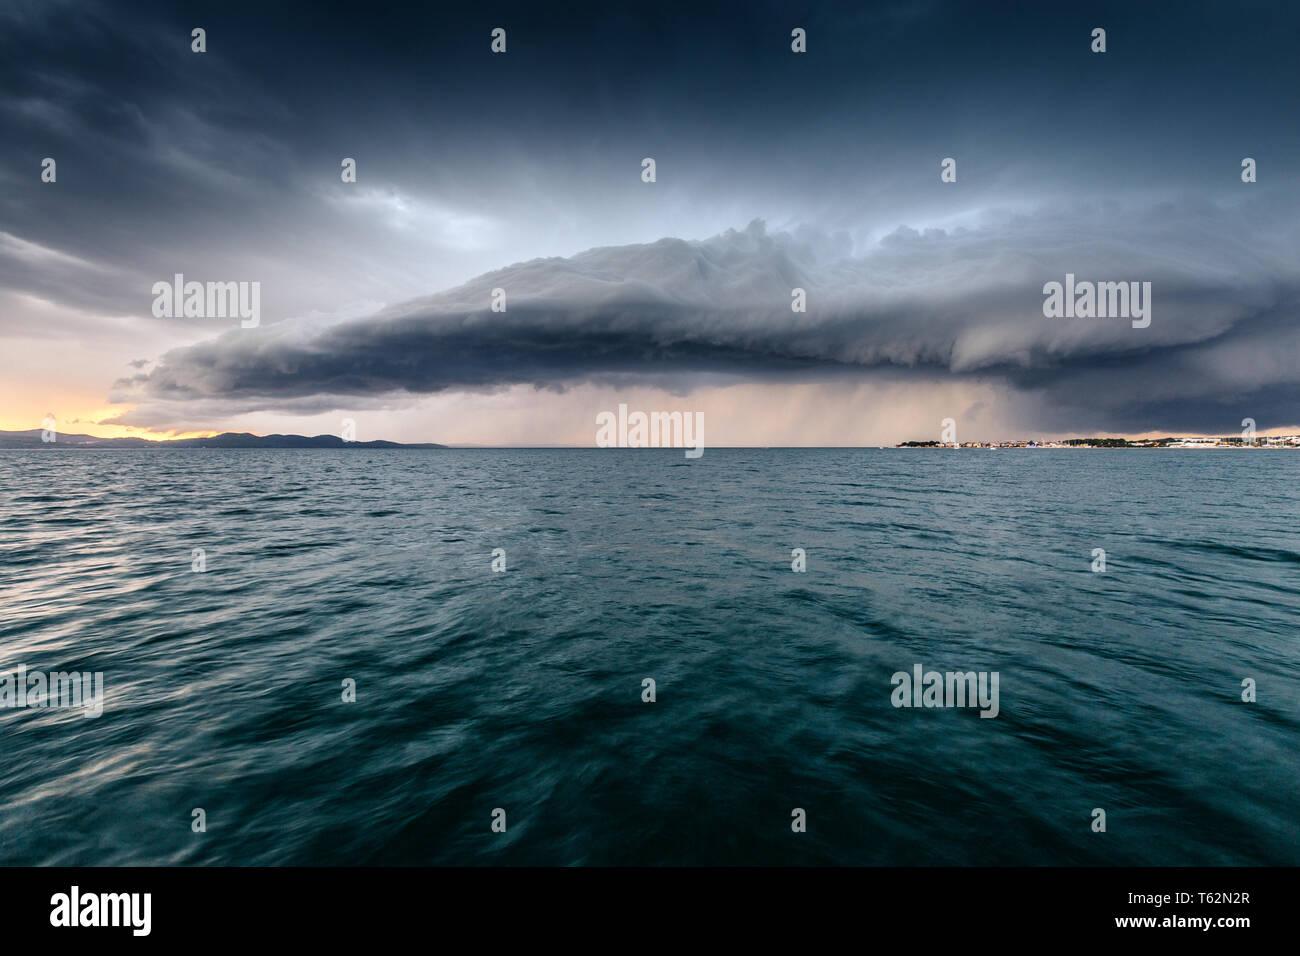 Storm on the sea. Striking cumulonimbus. Thunderstorm. Croatia. - Stock Image